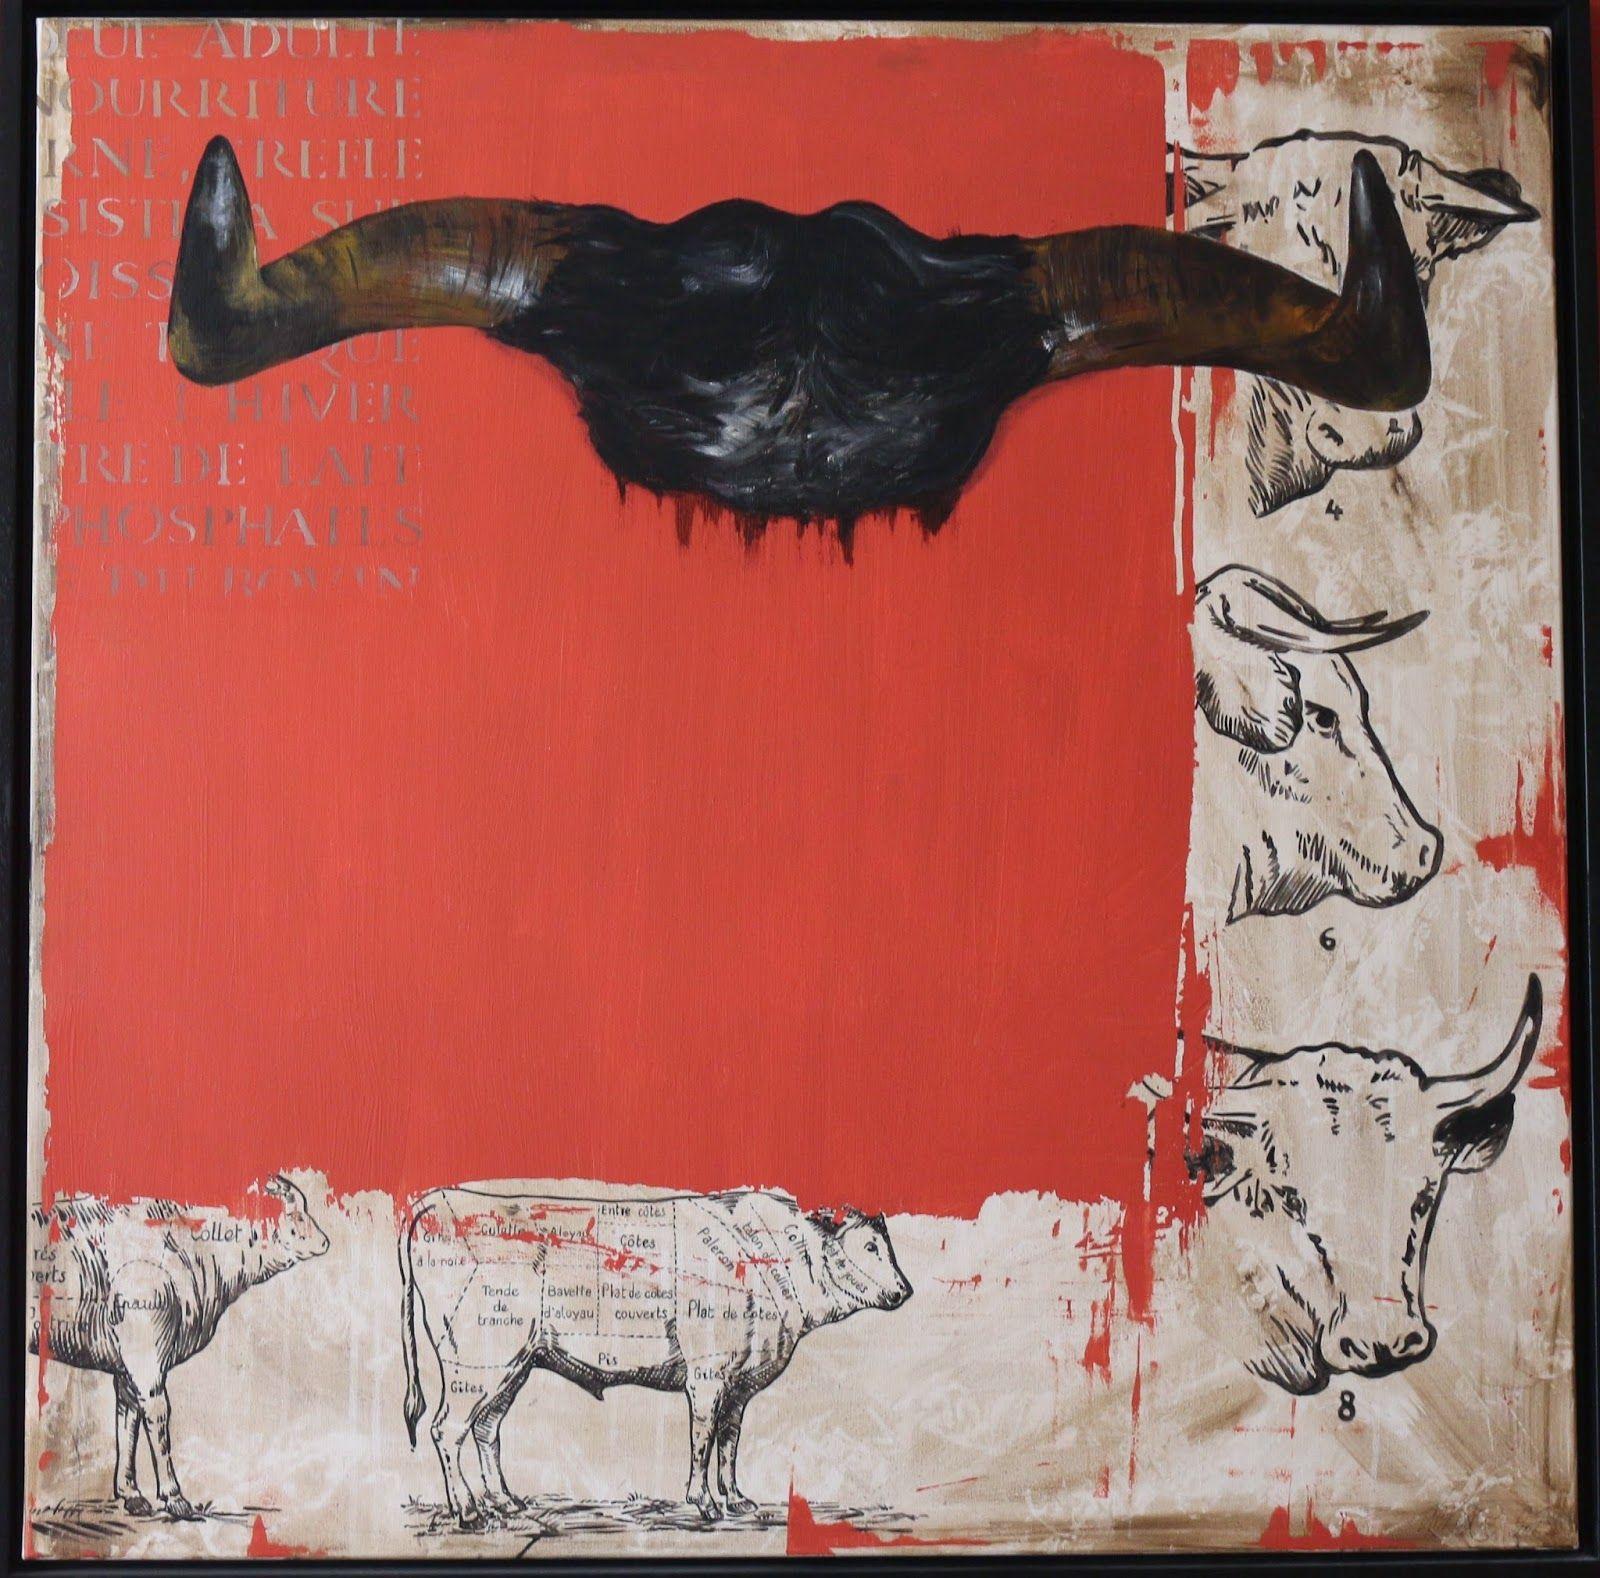 Delphine Leviste Atan Mouala Peinture Fraiche Peinture Et Delphine